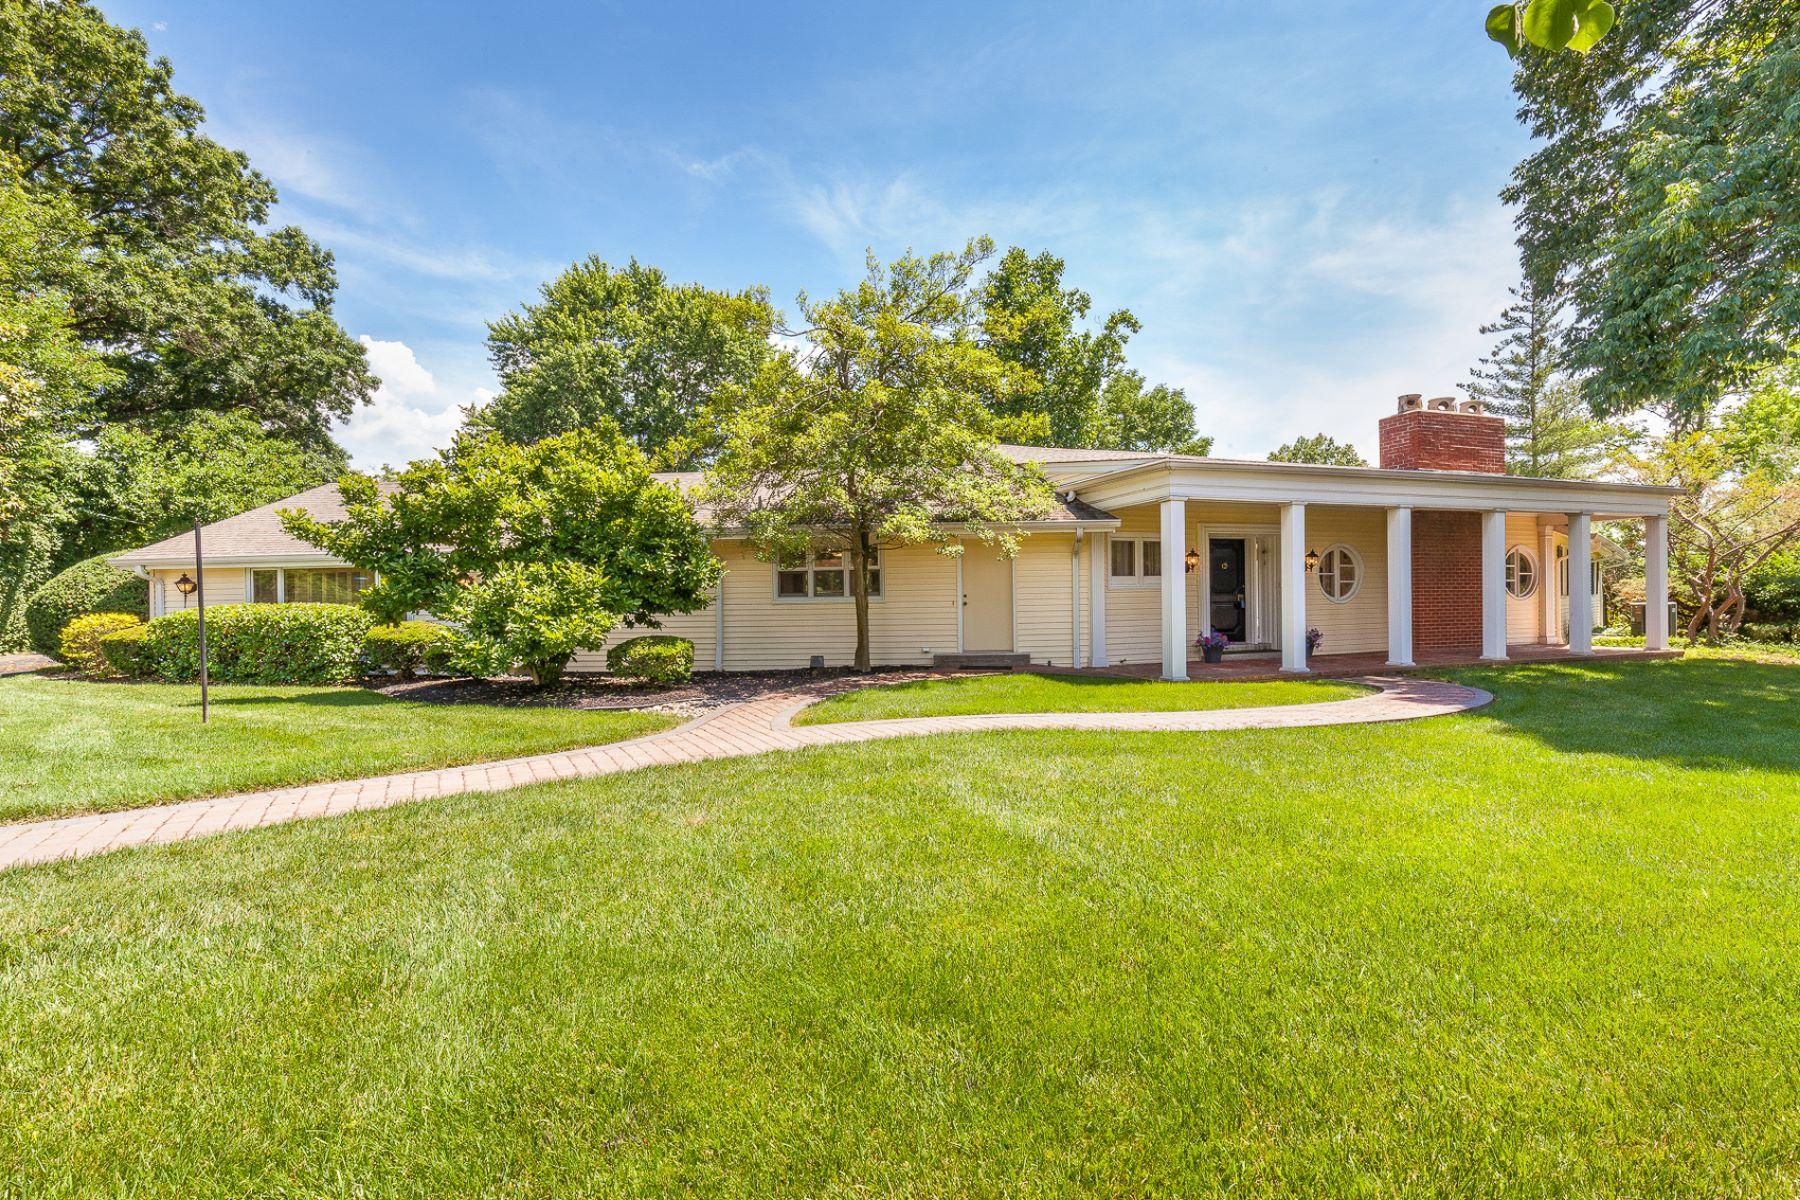 独户住宅 为 销售 在 Clayton Road 12426 Clayton Road Town And Country, 密苏里州, 63131 美国